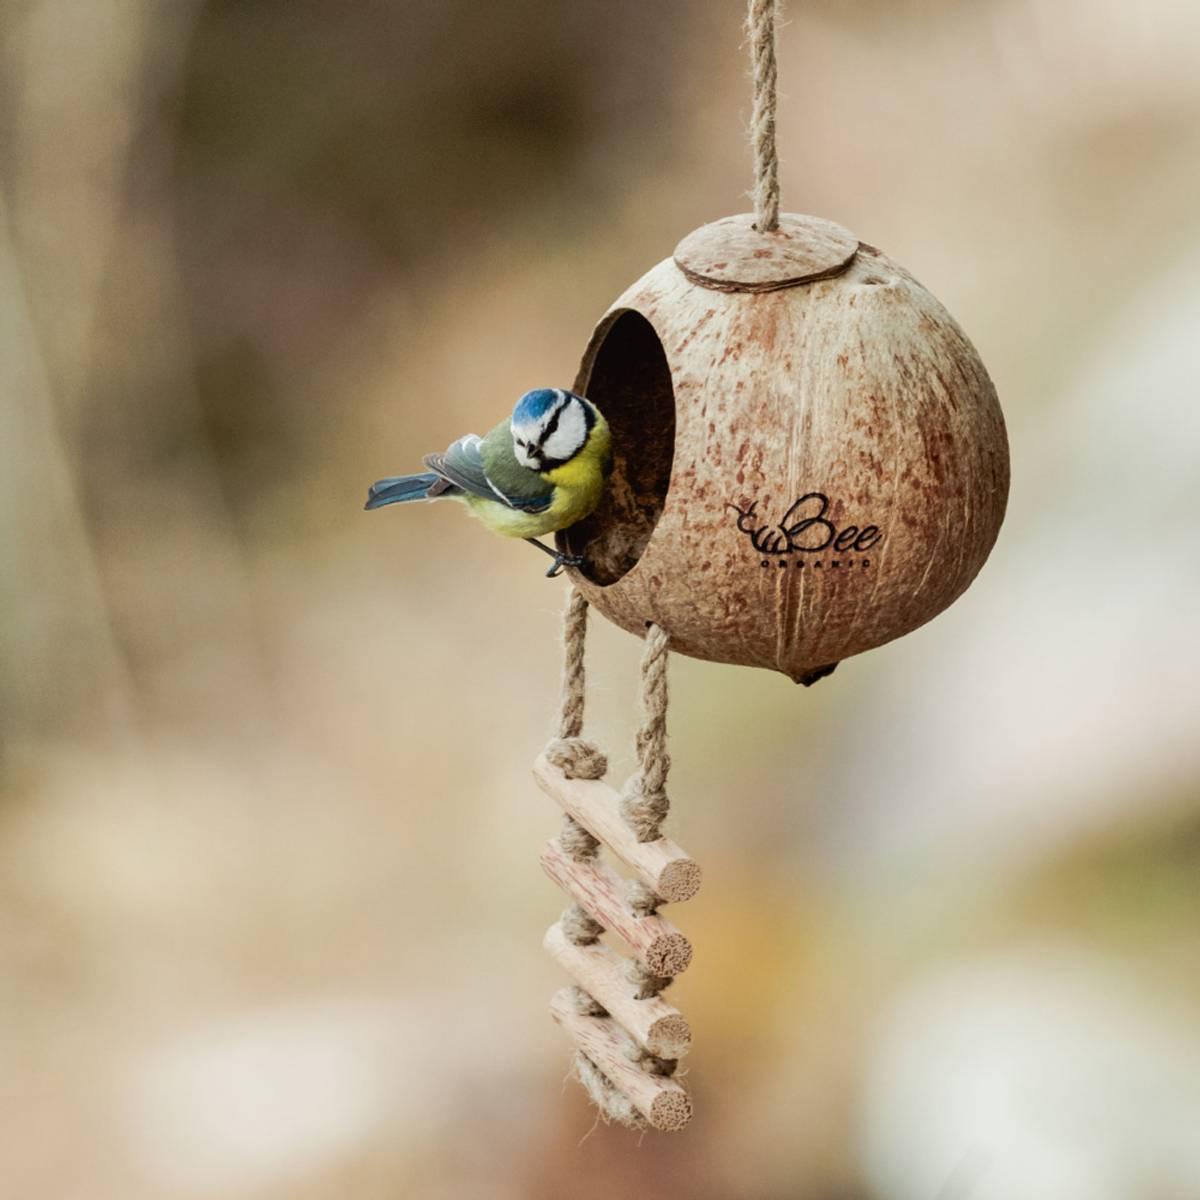 Fuglemater i kokosnøtt med stige / Beeorganic